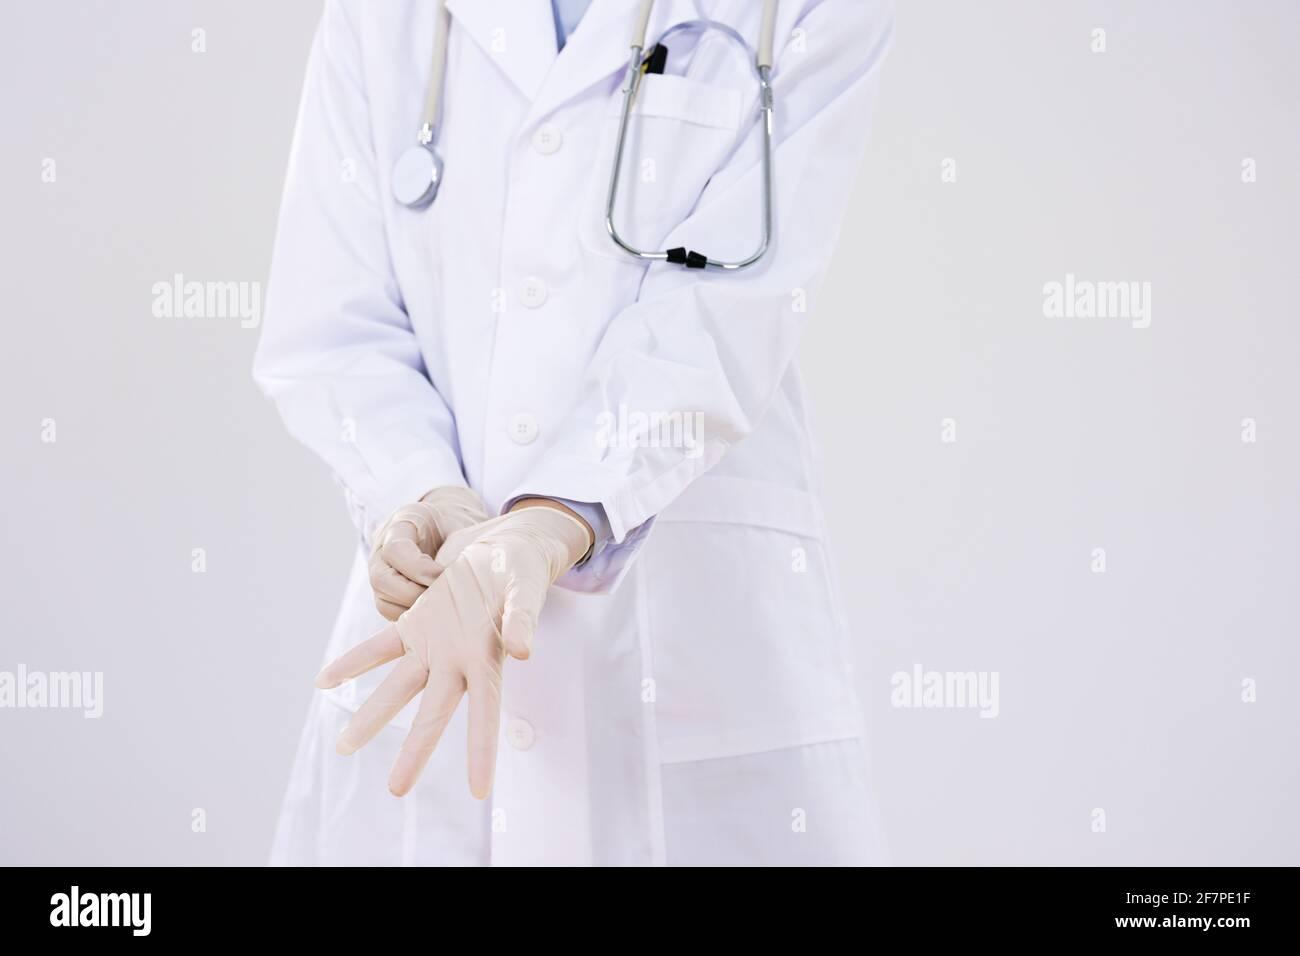 Gros plan d'une femme médecin portant des gants chirurgicaux Banque D'Images